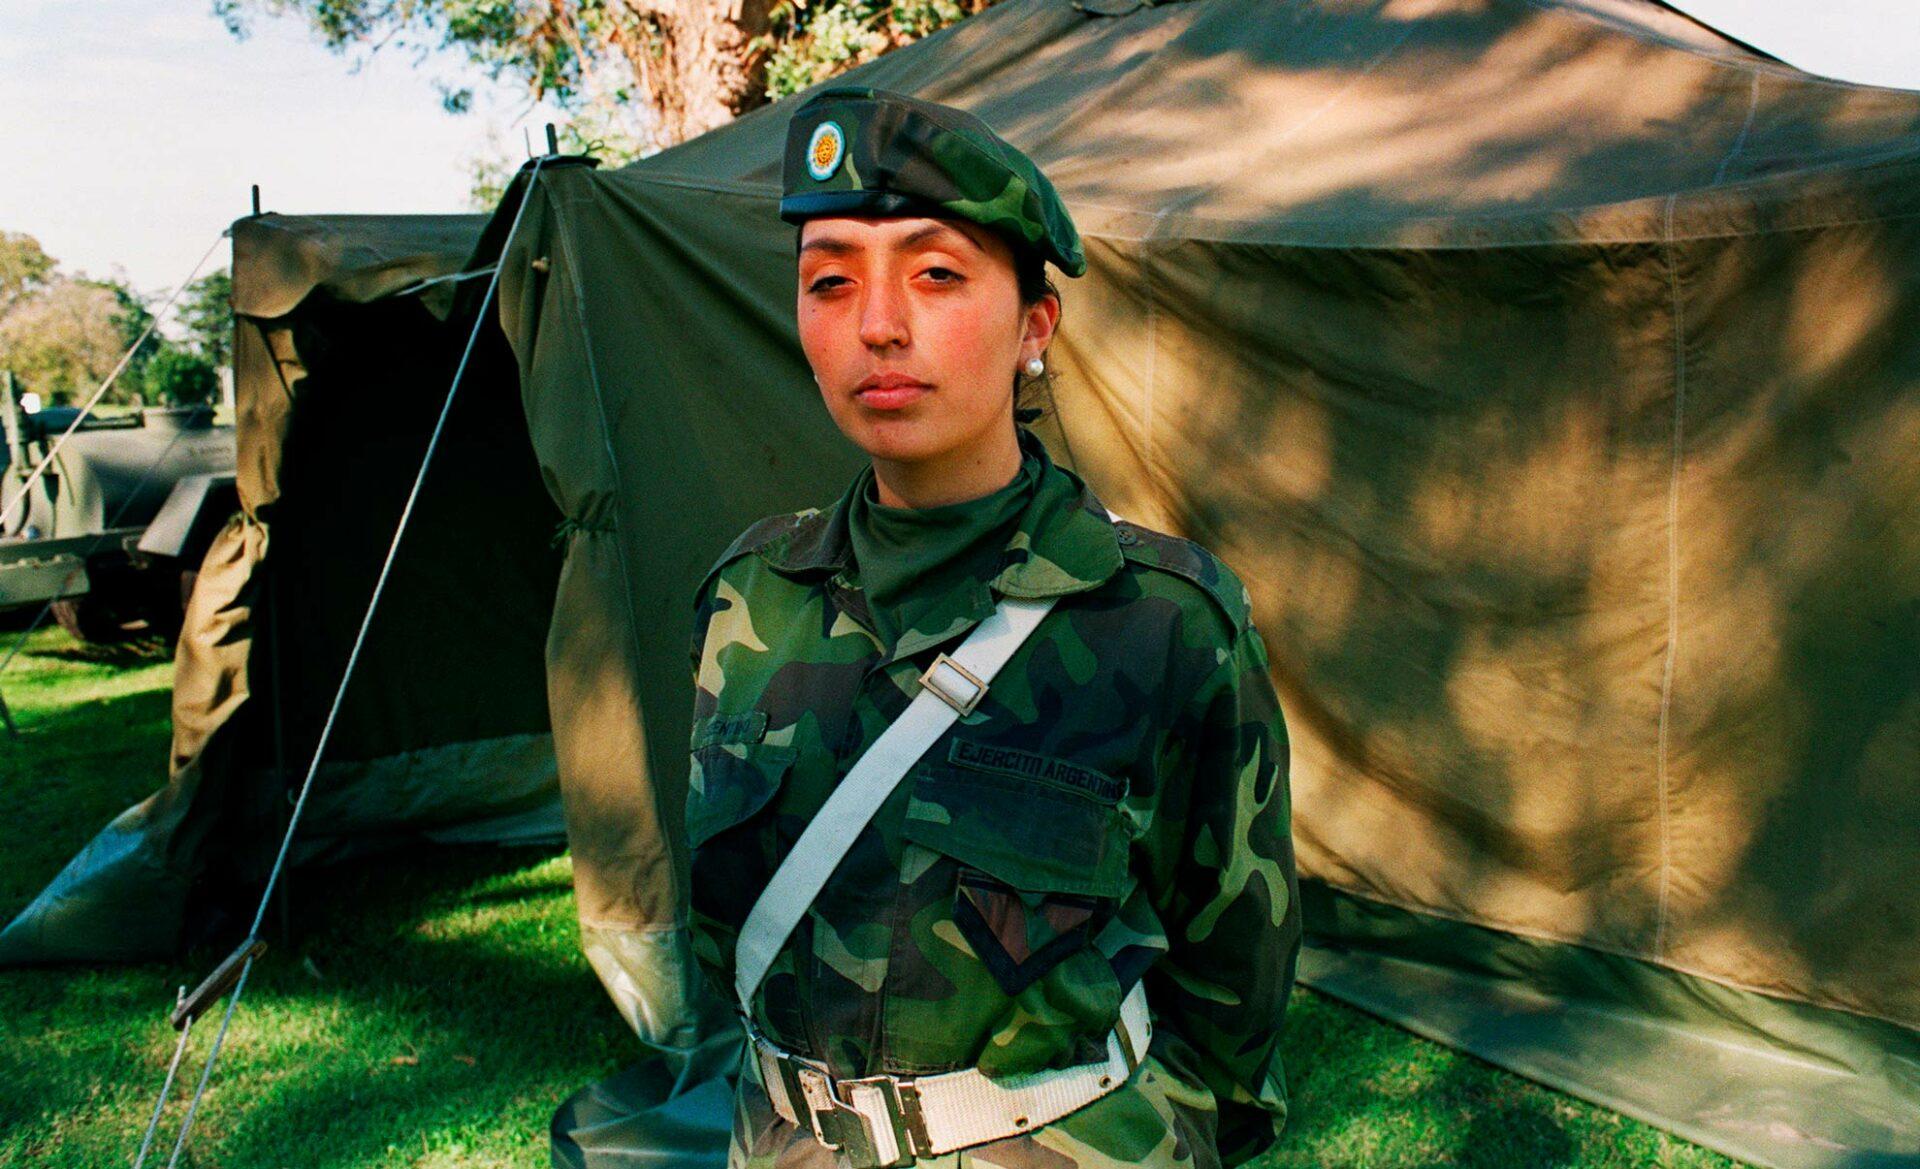 mujeres_fuerzas_armadas_1_caja